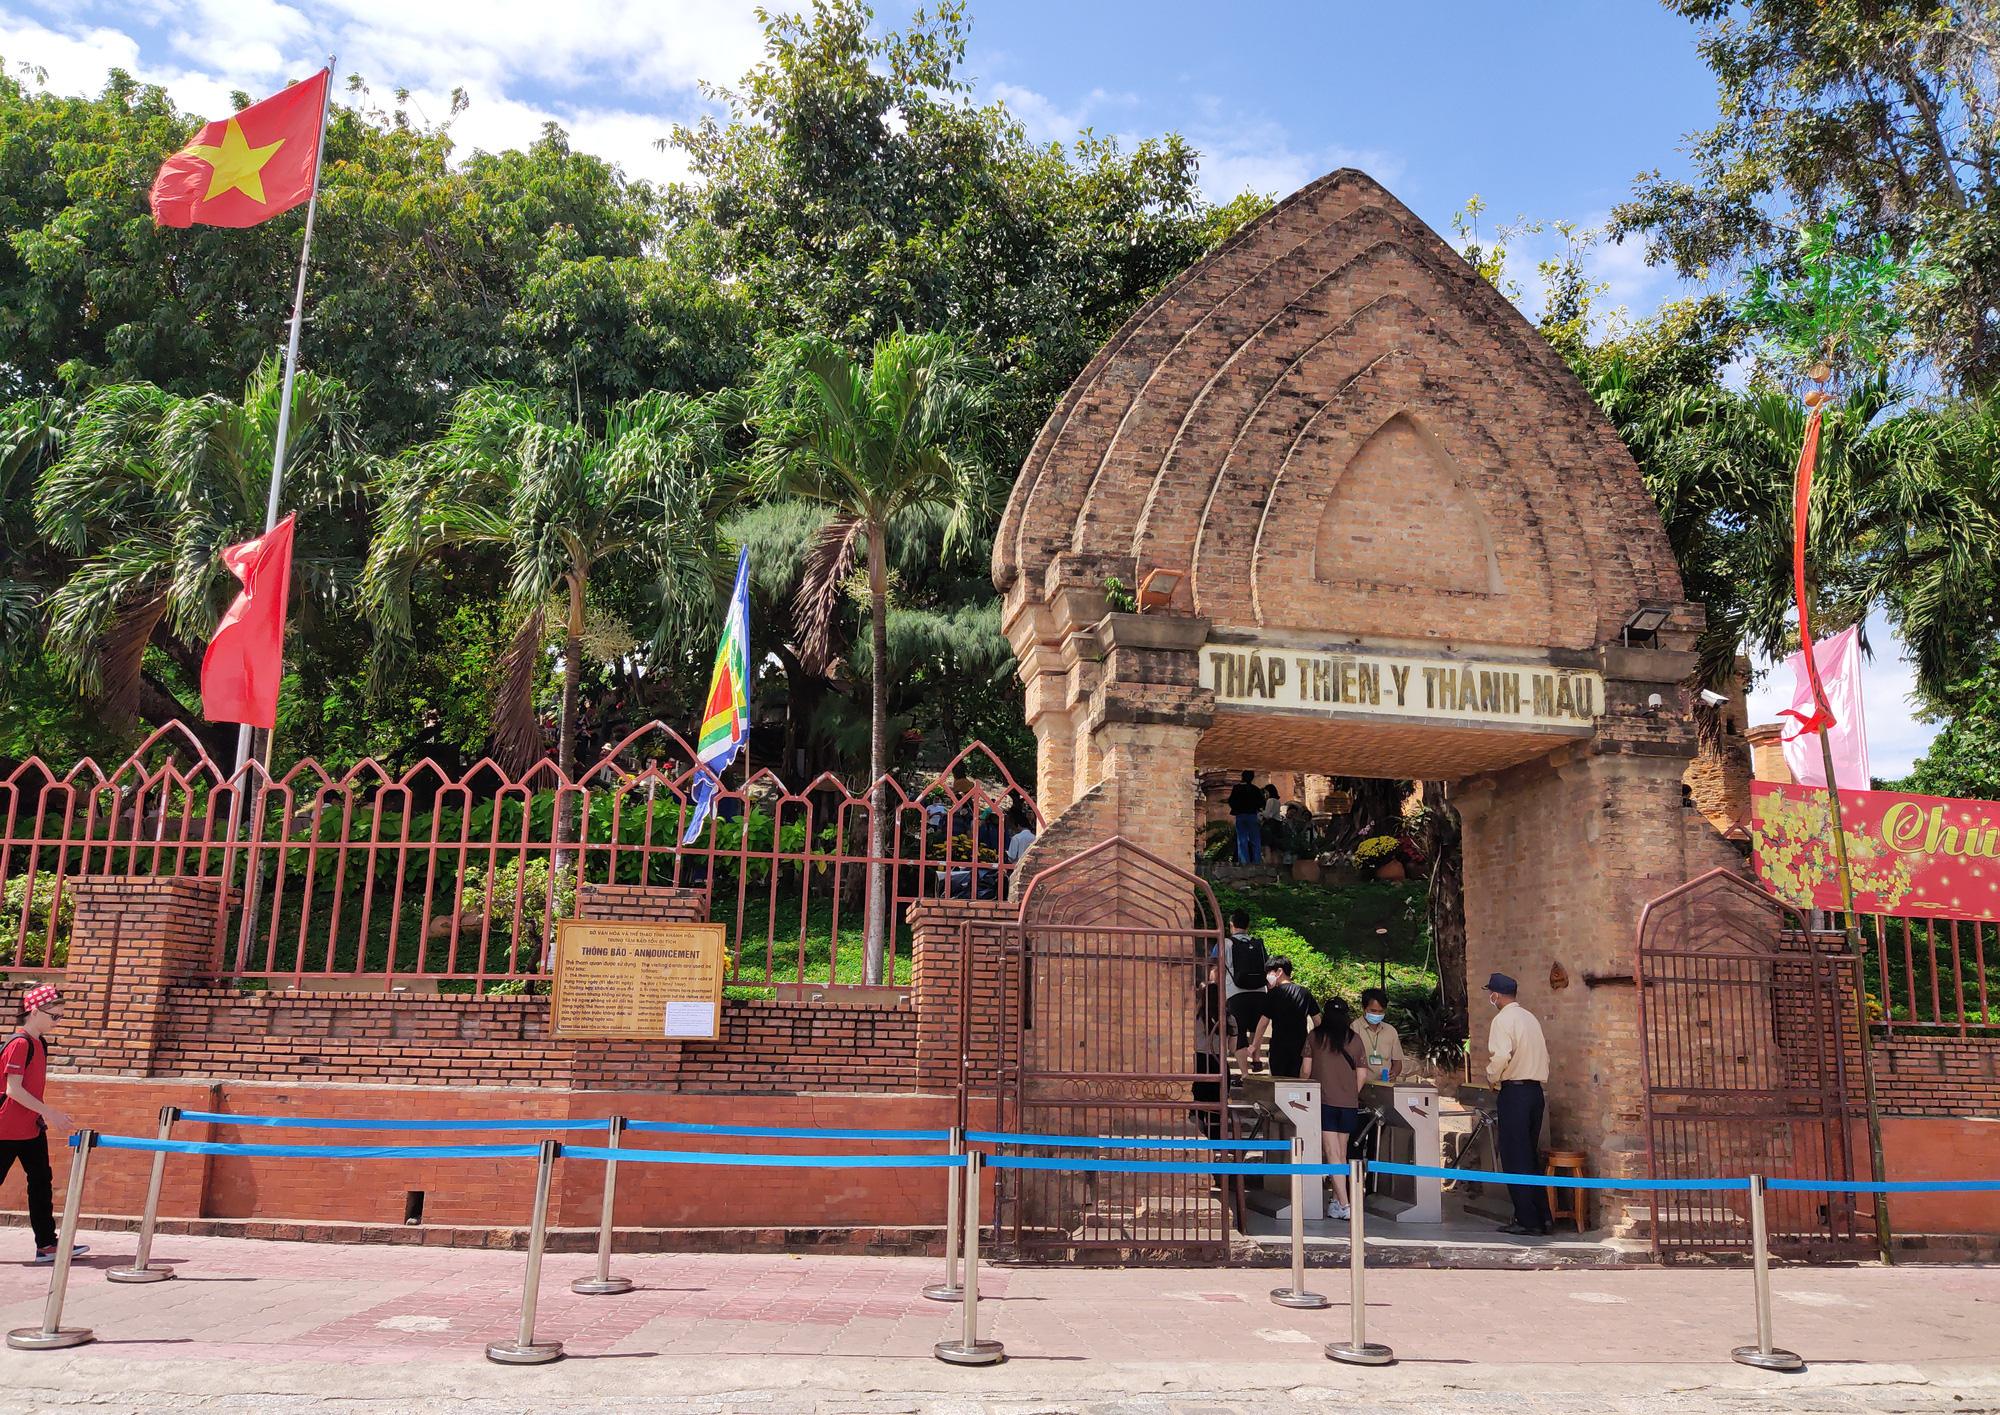 Du lịch Khánh Hòa tháng 4 chỉ đón được 1.000 khách thu được 25 tỉ đồng - Ảnh 1.